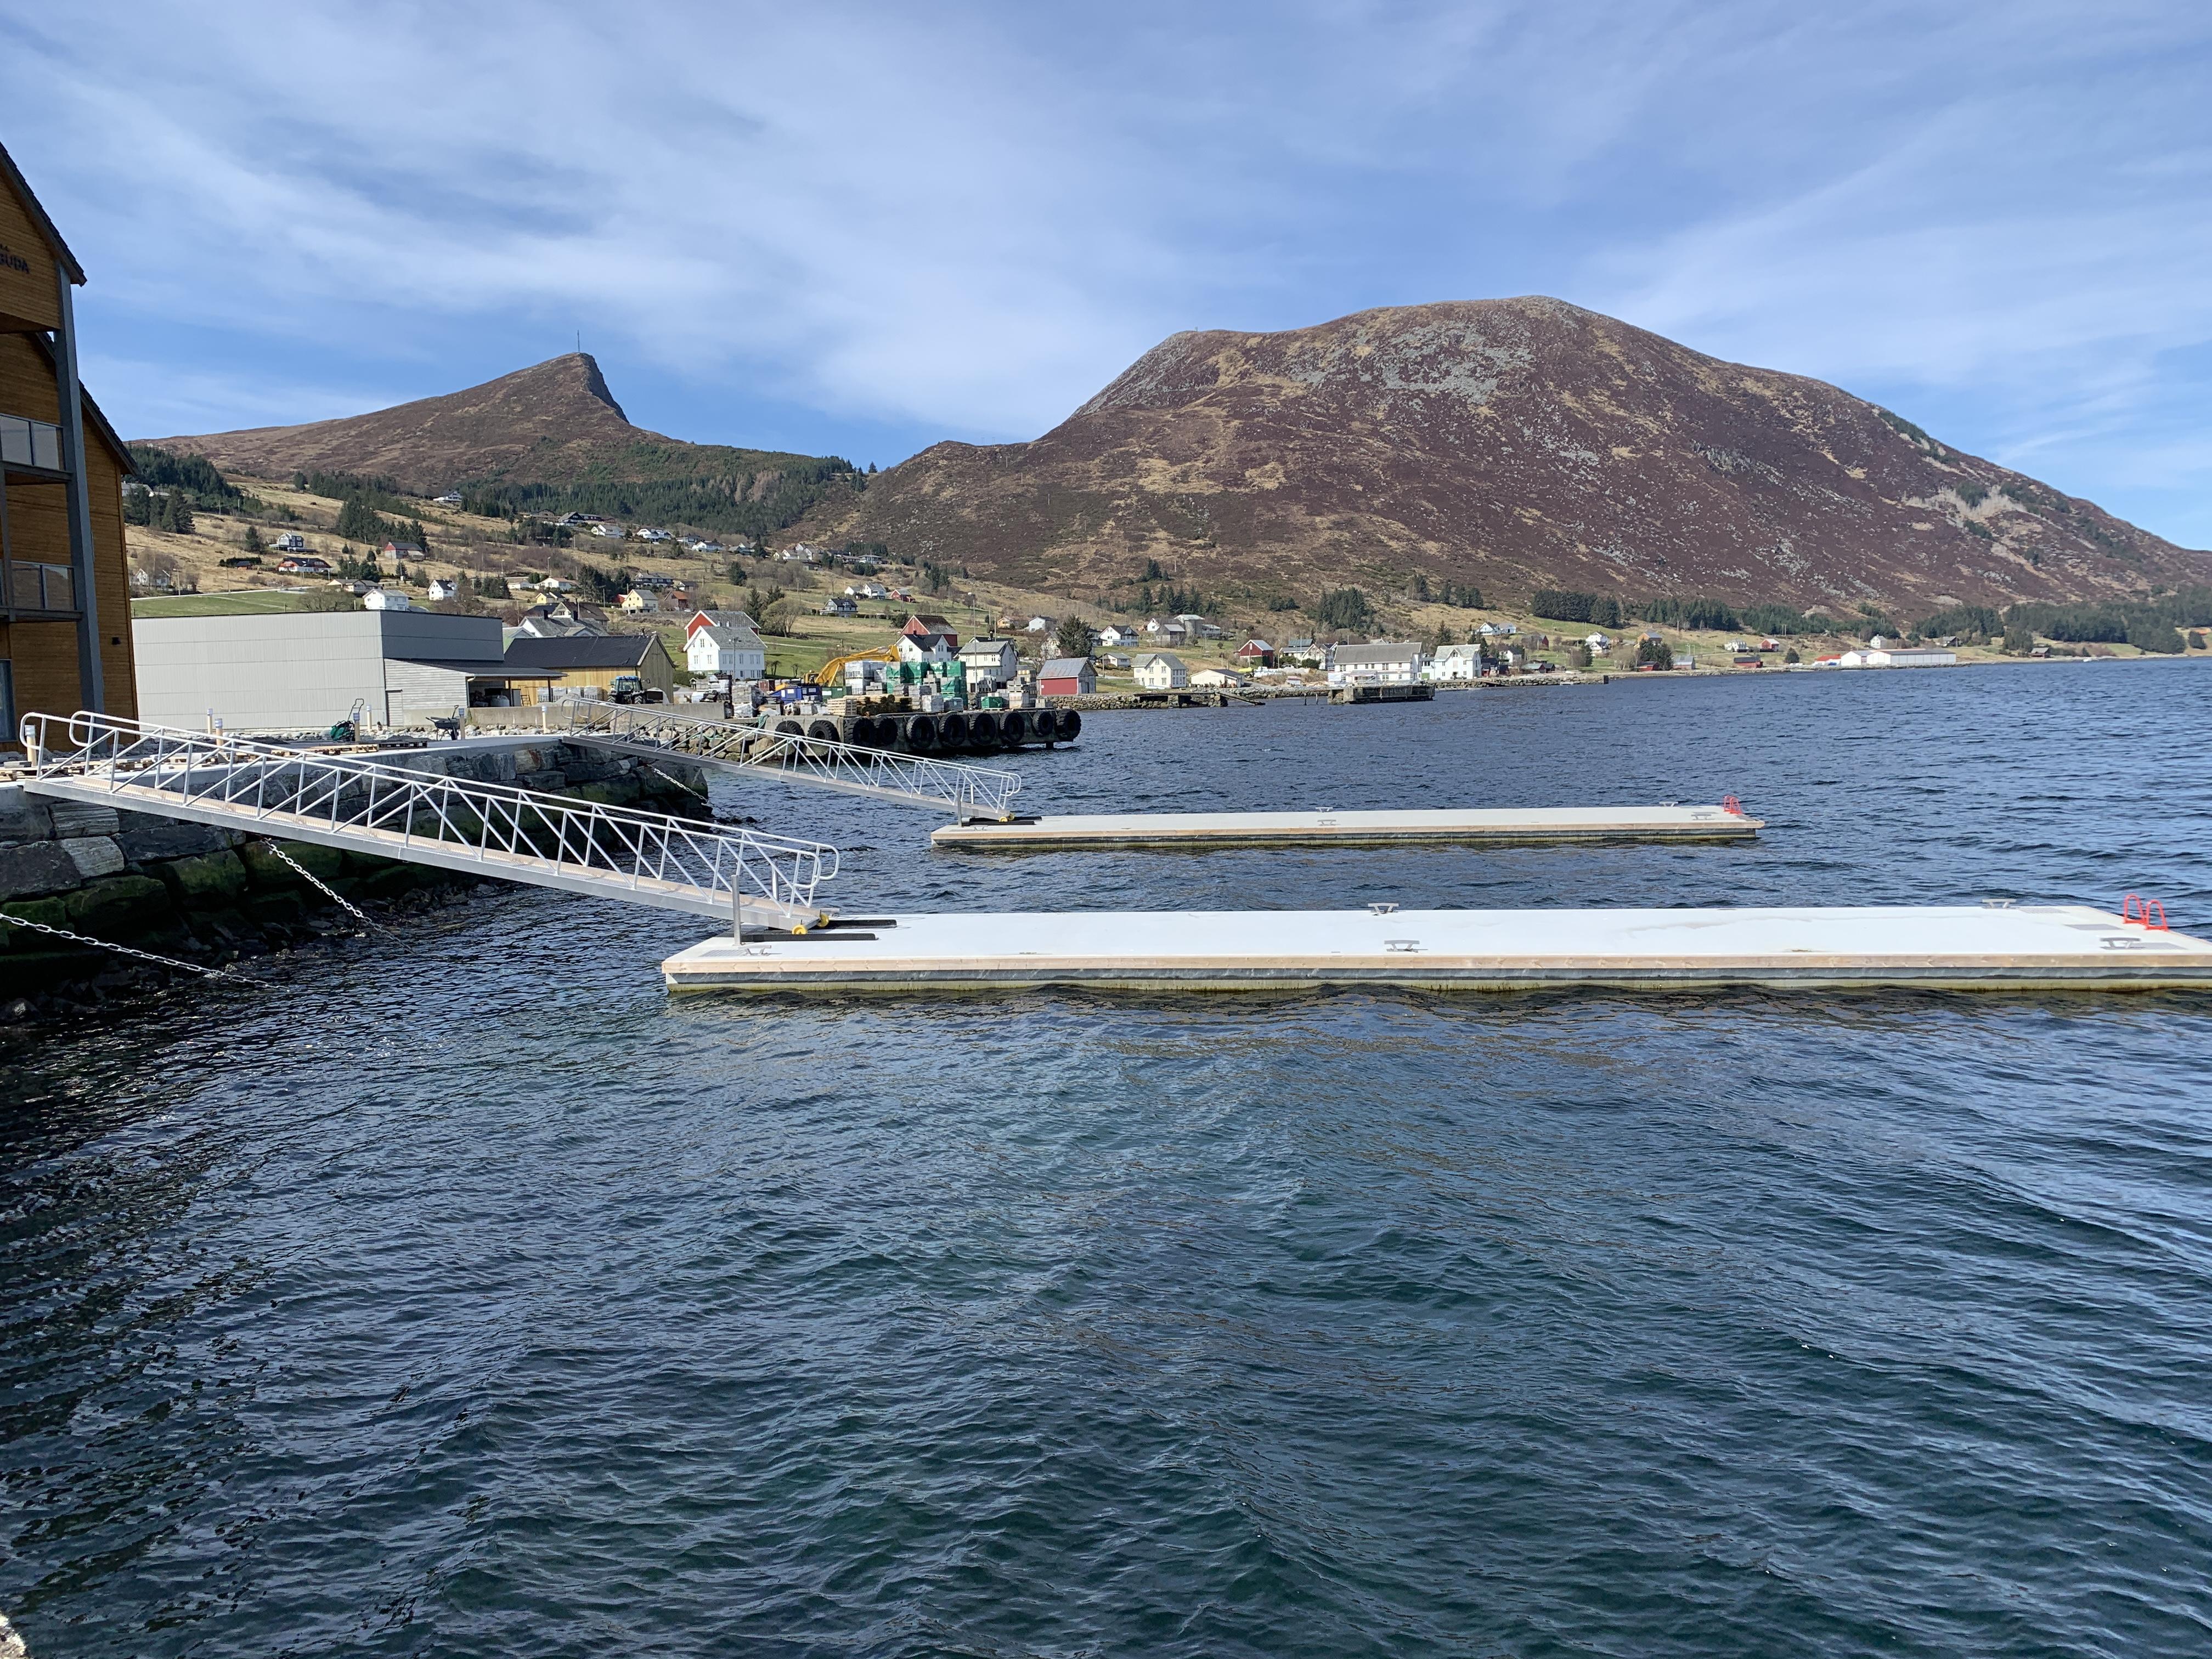 https://marinasolutions.no/uploads/Stadt-hotell_Flytebrygger_Marina-Solutions-3.JPG